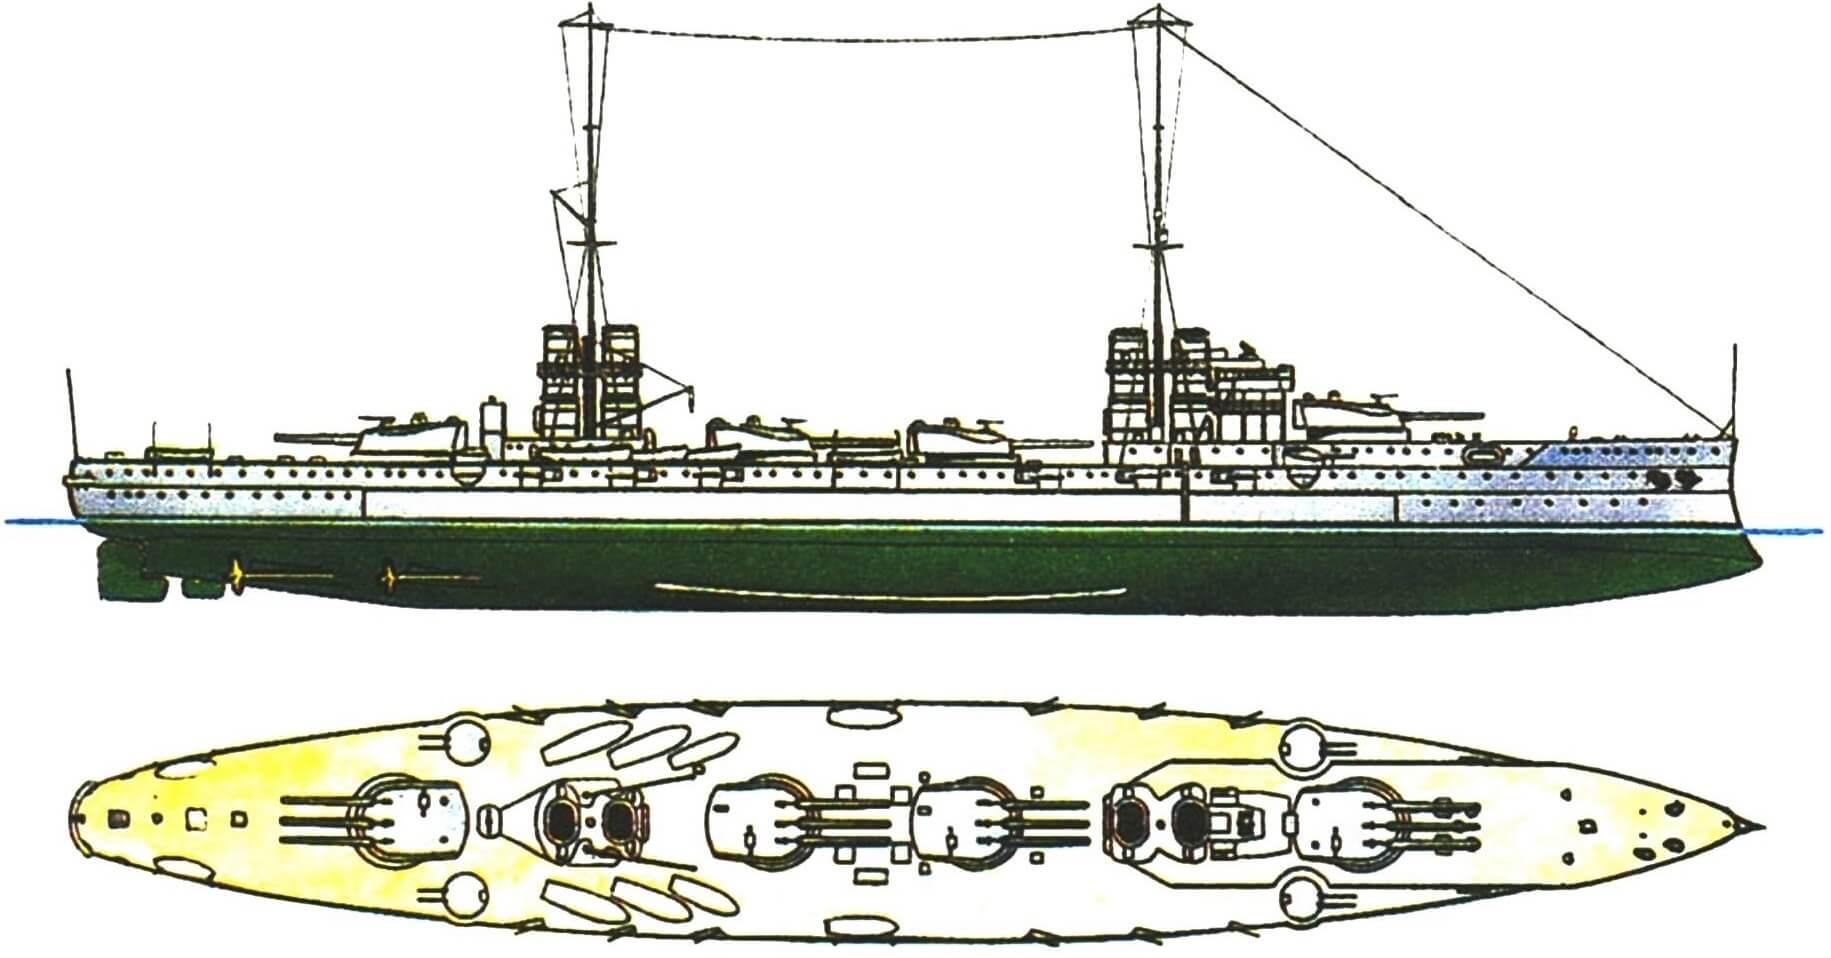 164. Линейный корабль «ДАНТЕ АЛИГЬЕРИ», Италия, 1913 г.